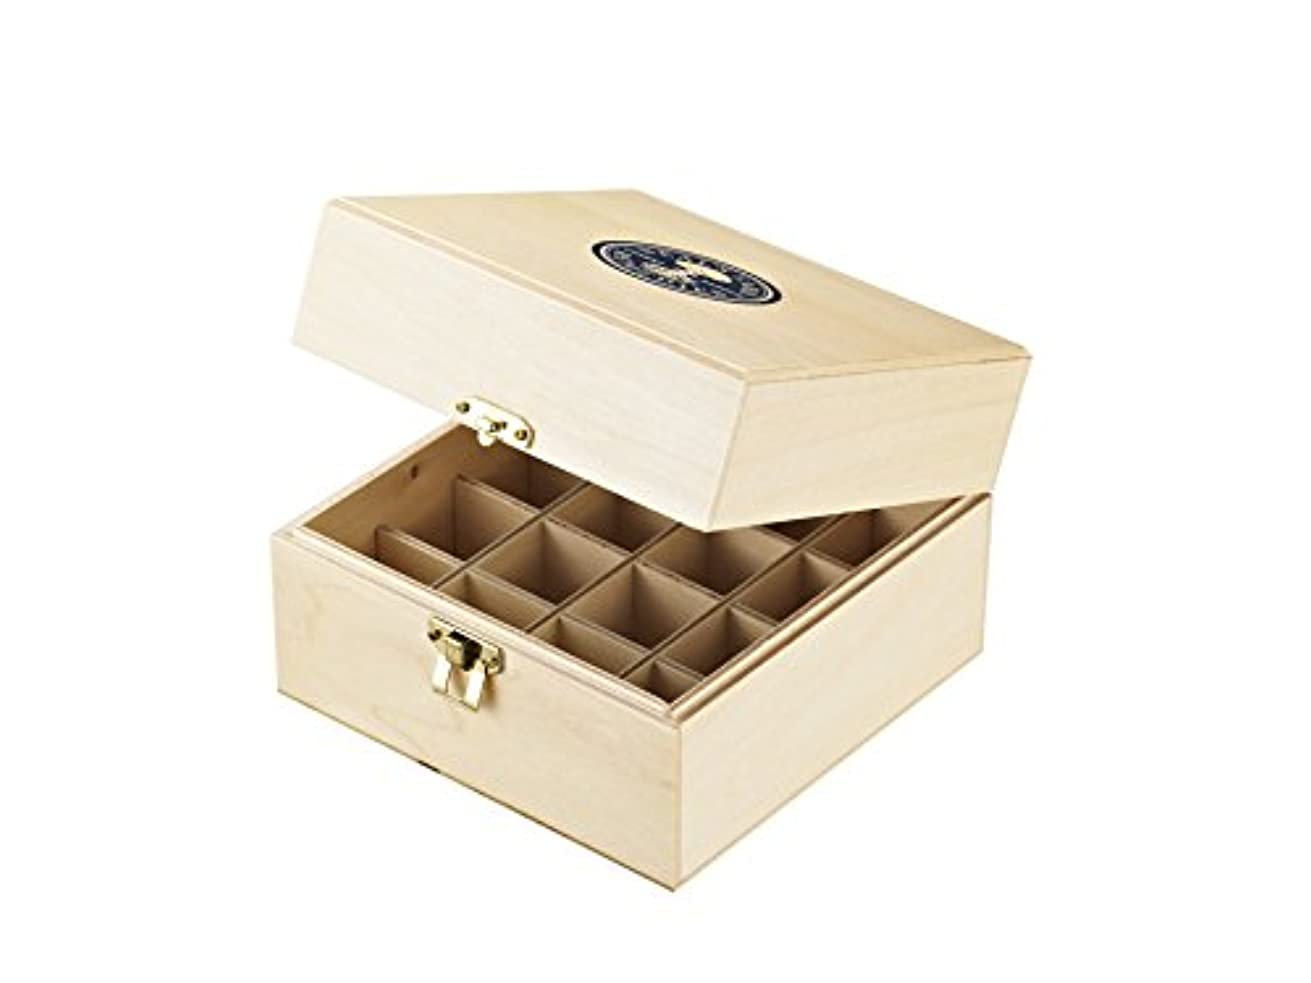 メンテナンス予約布ニールズヤード レメディーズ エッセンシャルオイル保管木箱(16本収納)